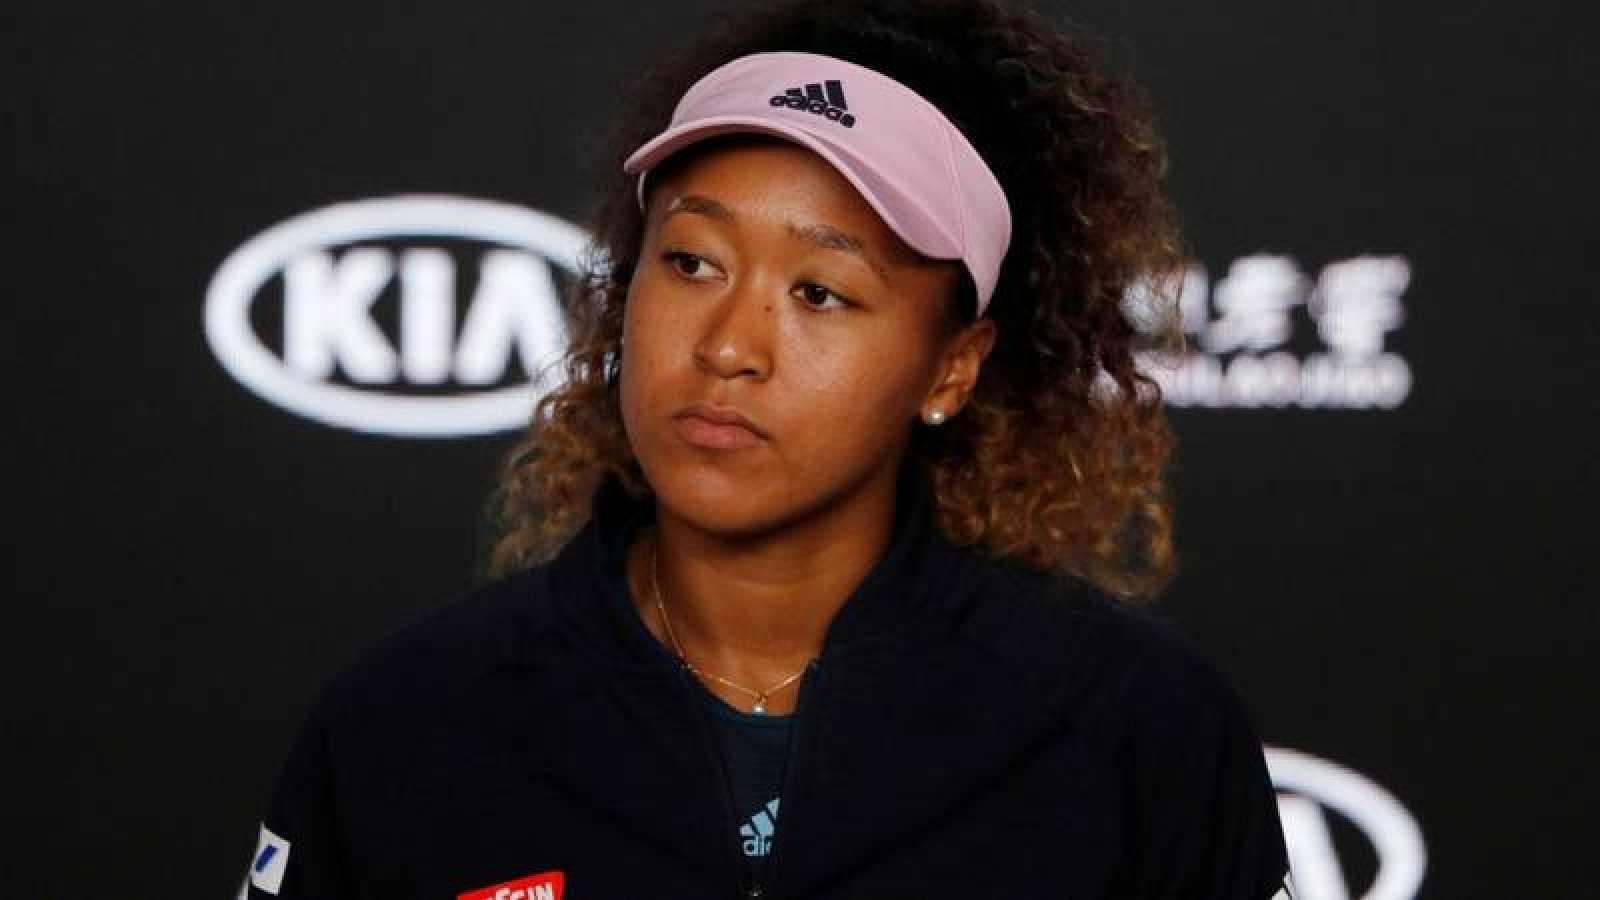 Imagen de la tenista japonesa Naomi Osaka durante una rueda de prensa.